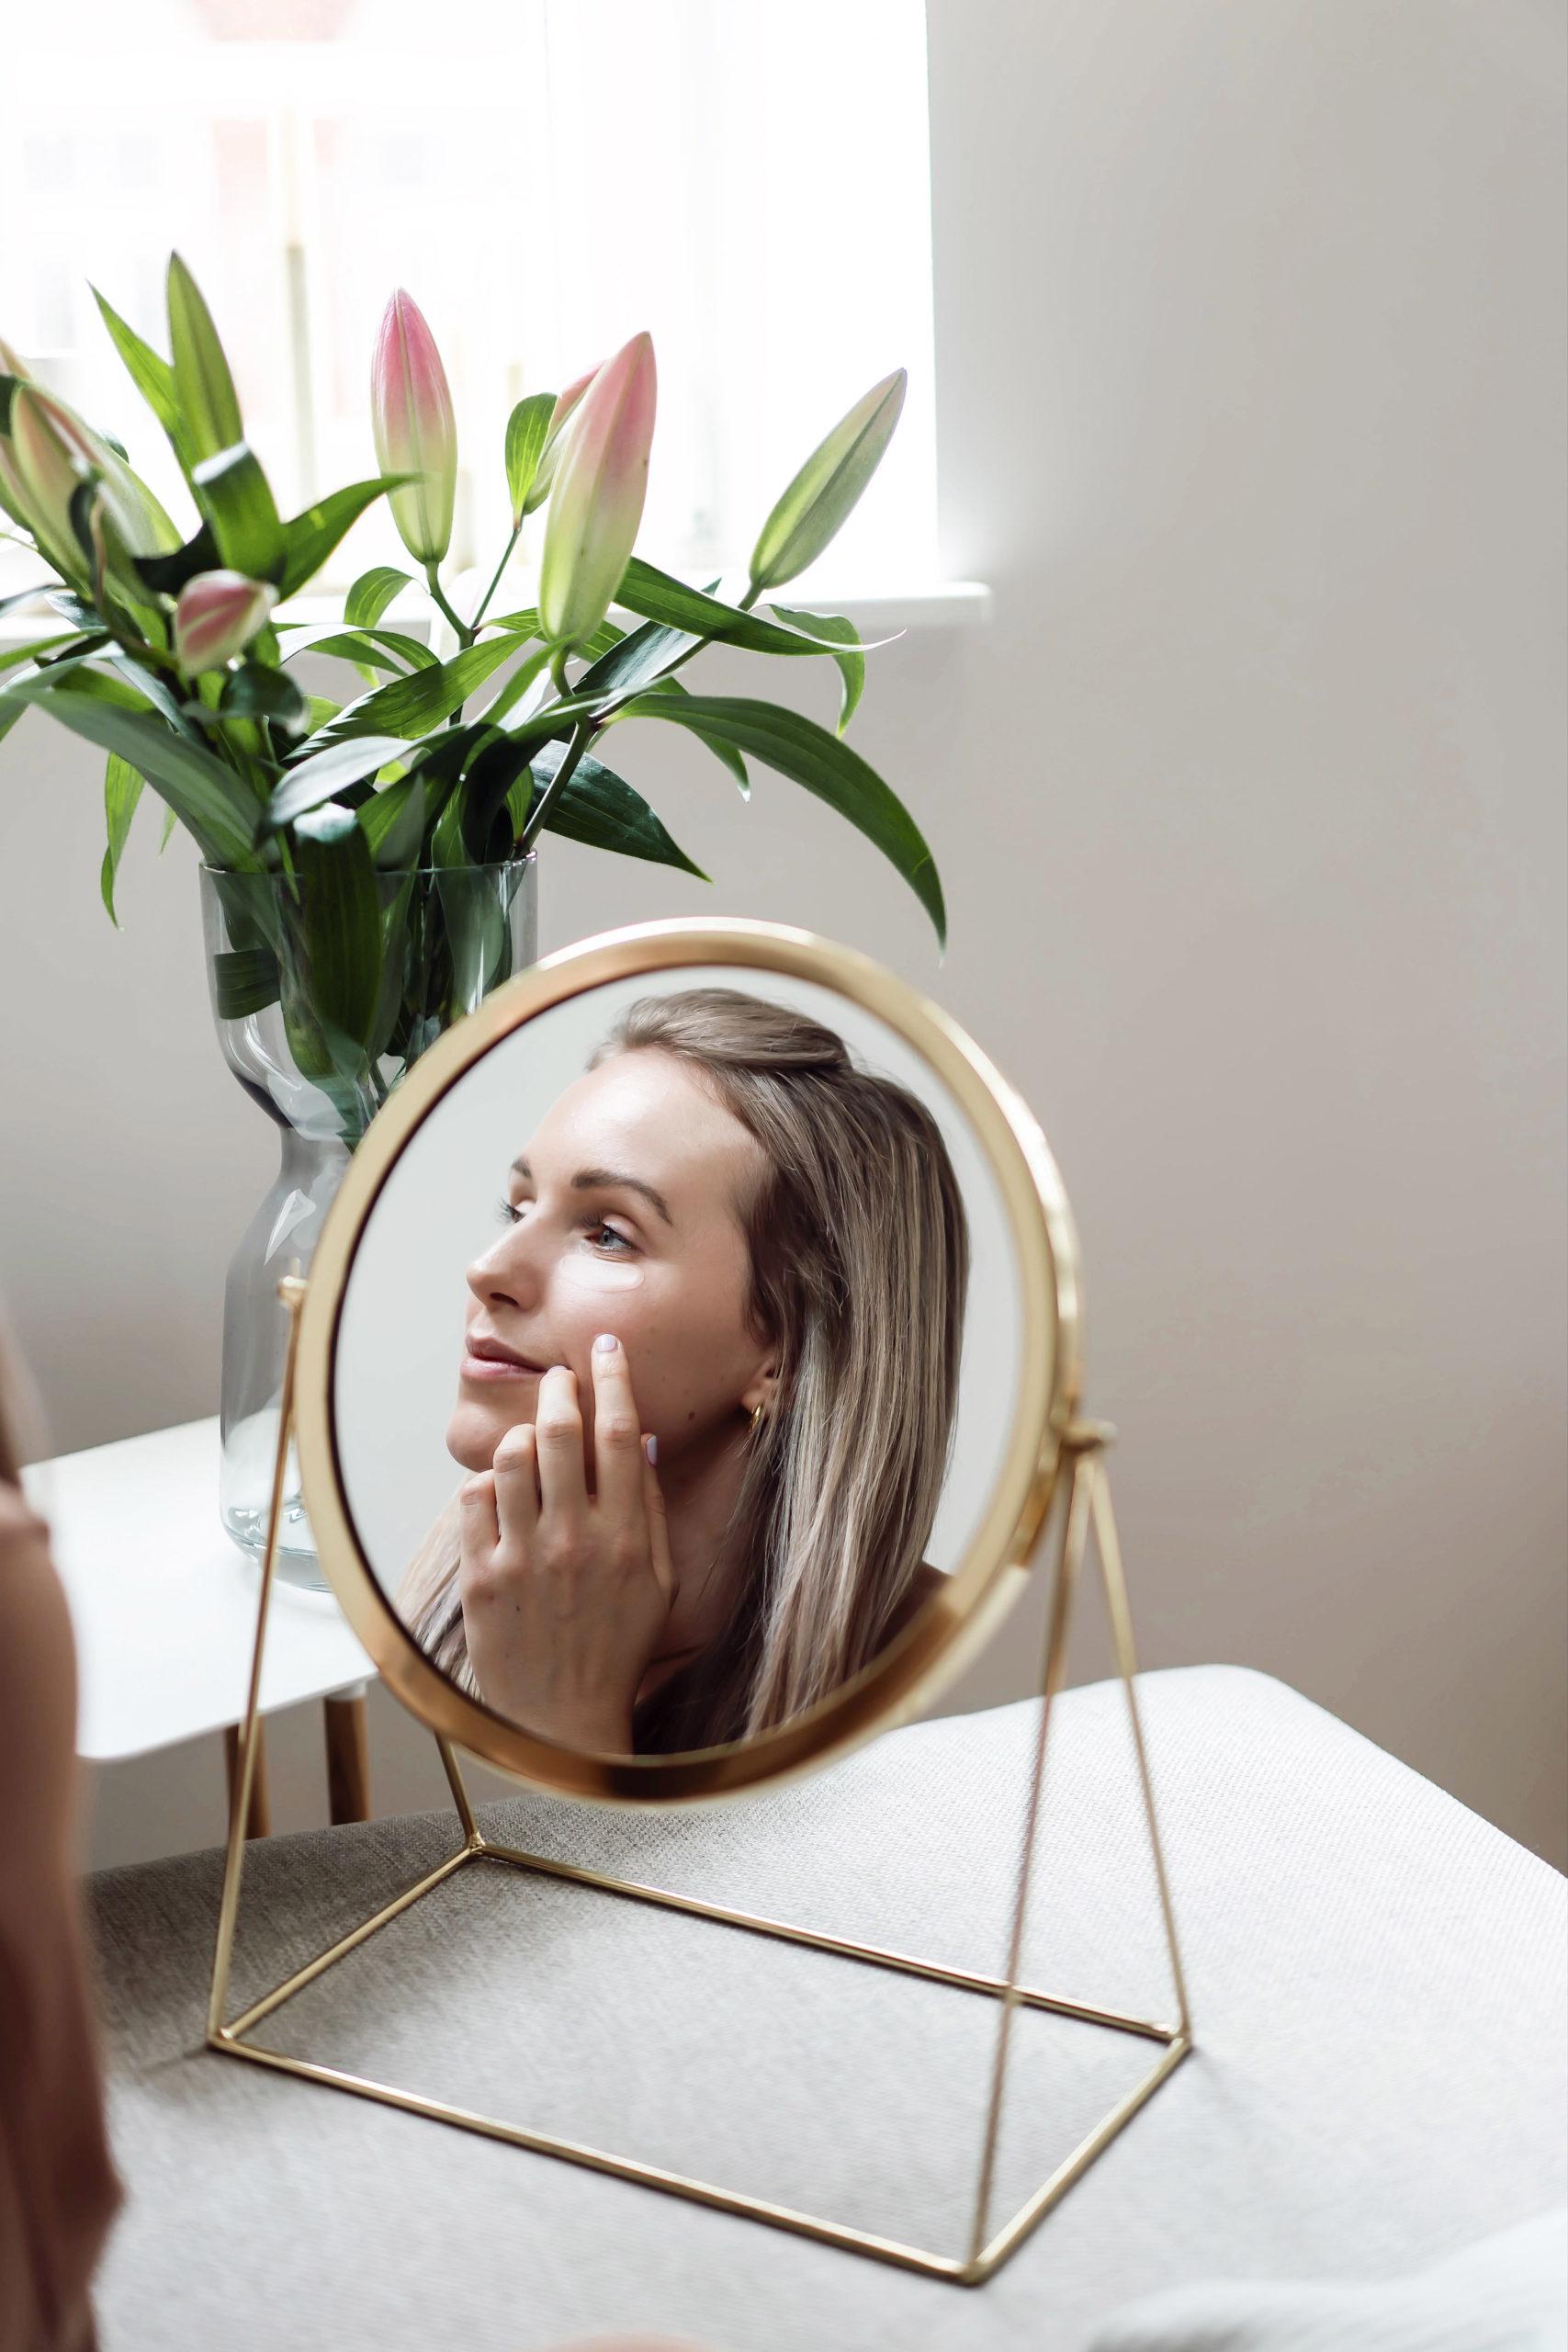 Gesichts Strips- eine kurze Pflegeanleitung für die richtige Anwendung